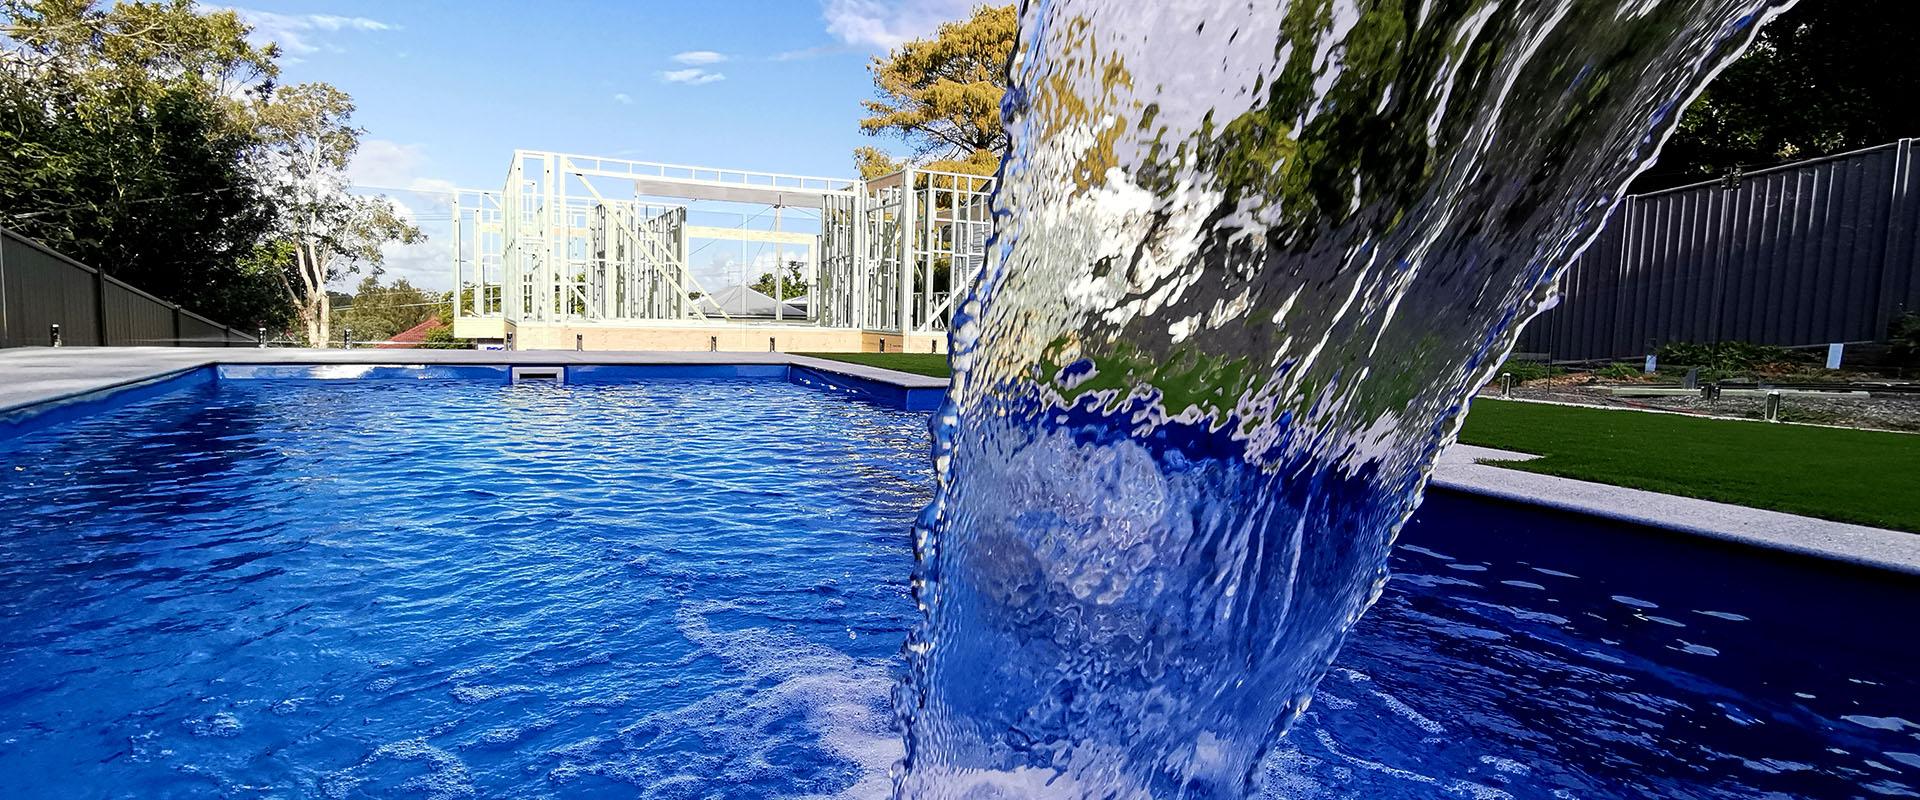 fibreglass pools brisbane